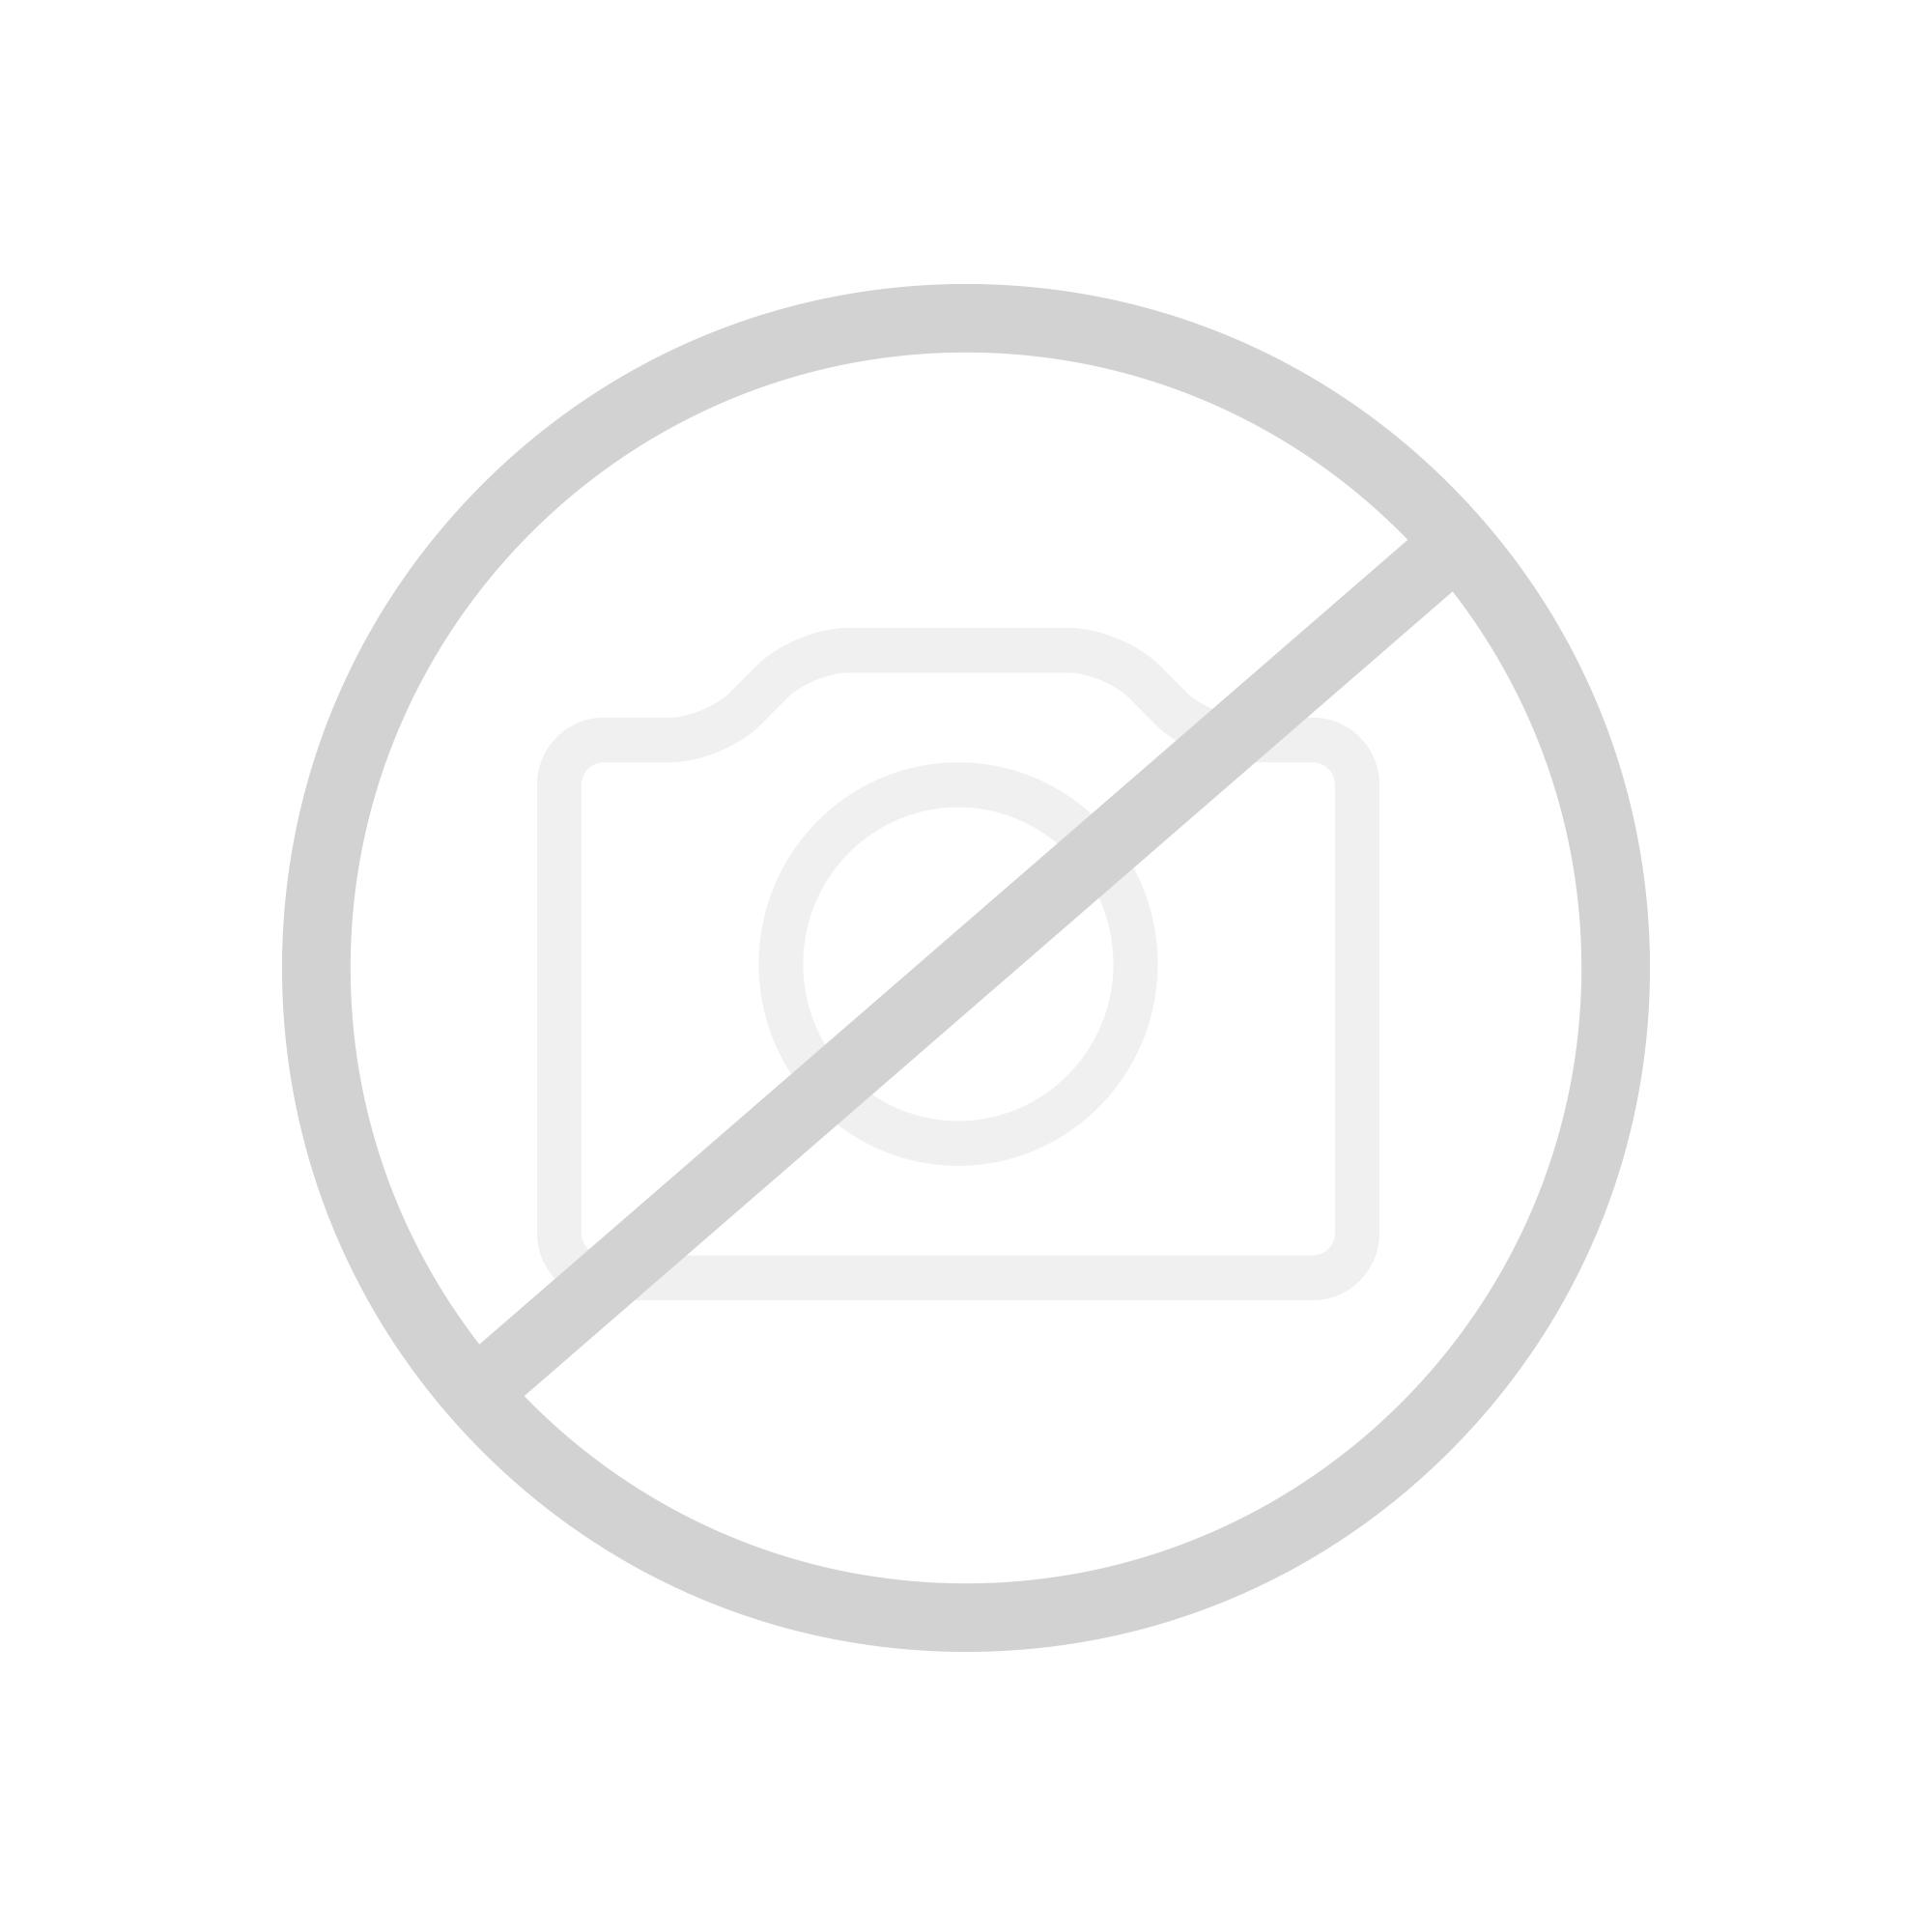 Geberit Duofix Traverse Bade Duschwanne, für UP-Armatur